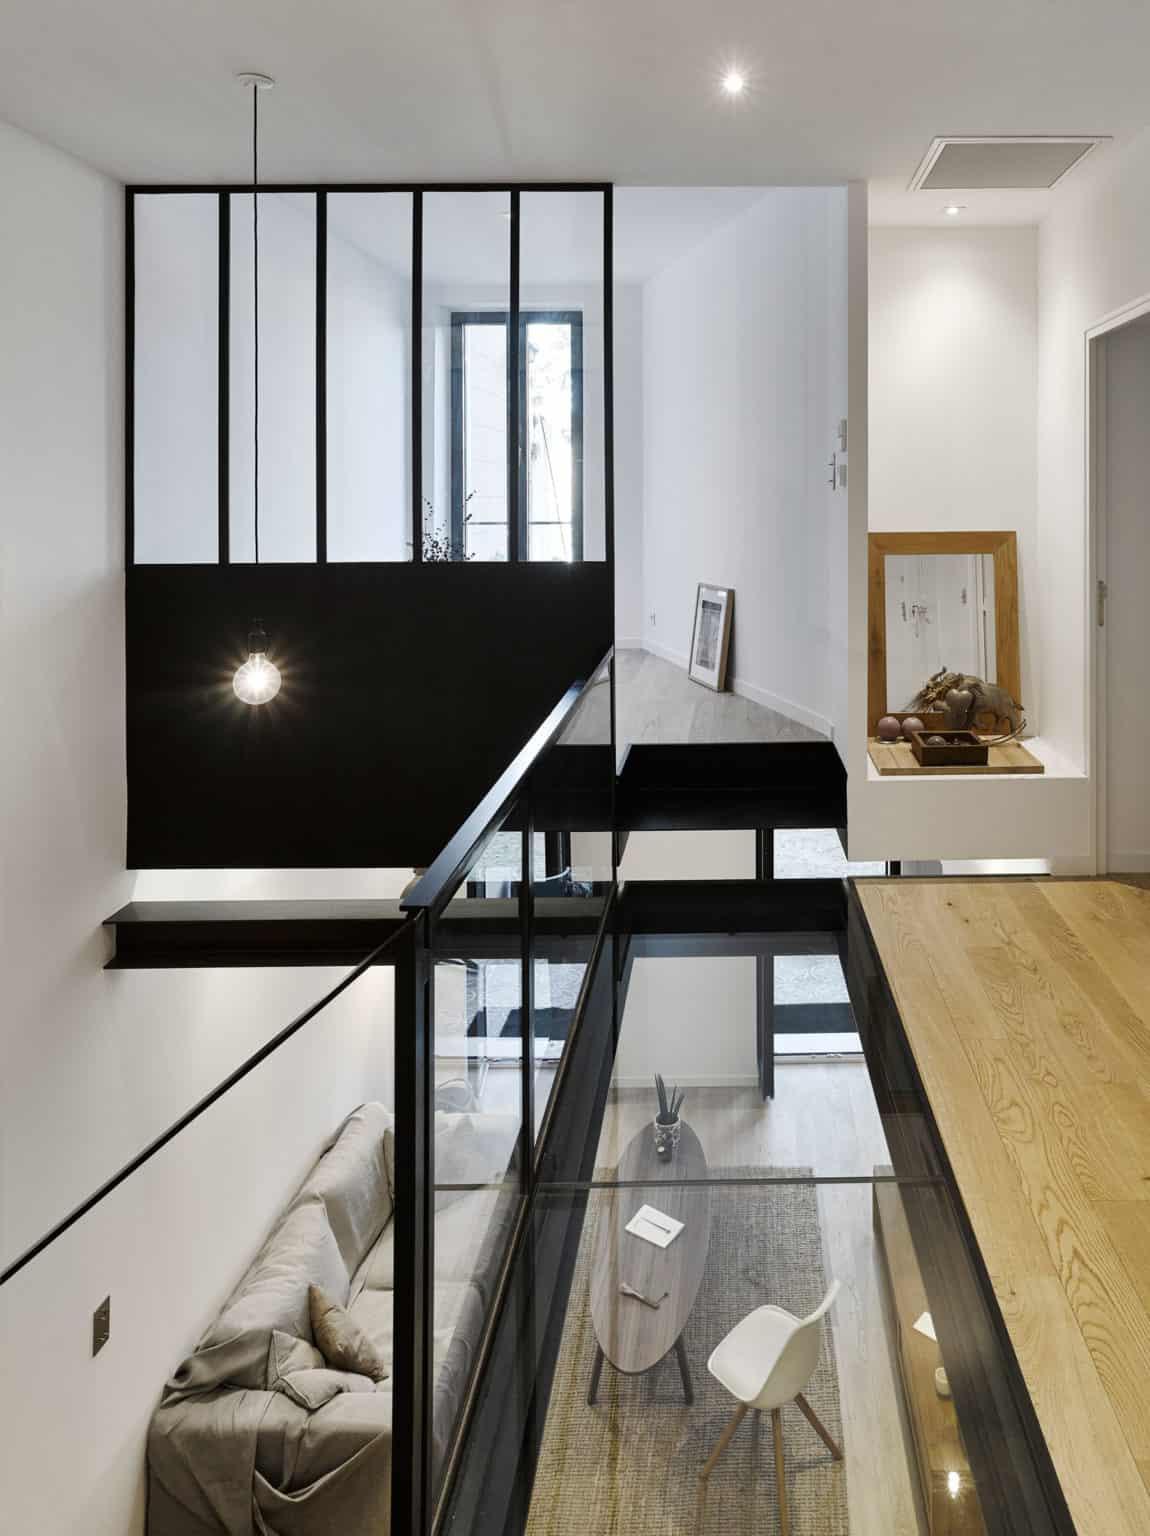 Duplex in Marseille by T3 Architecture (11)